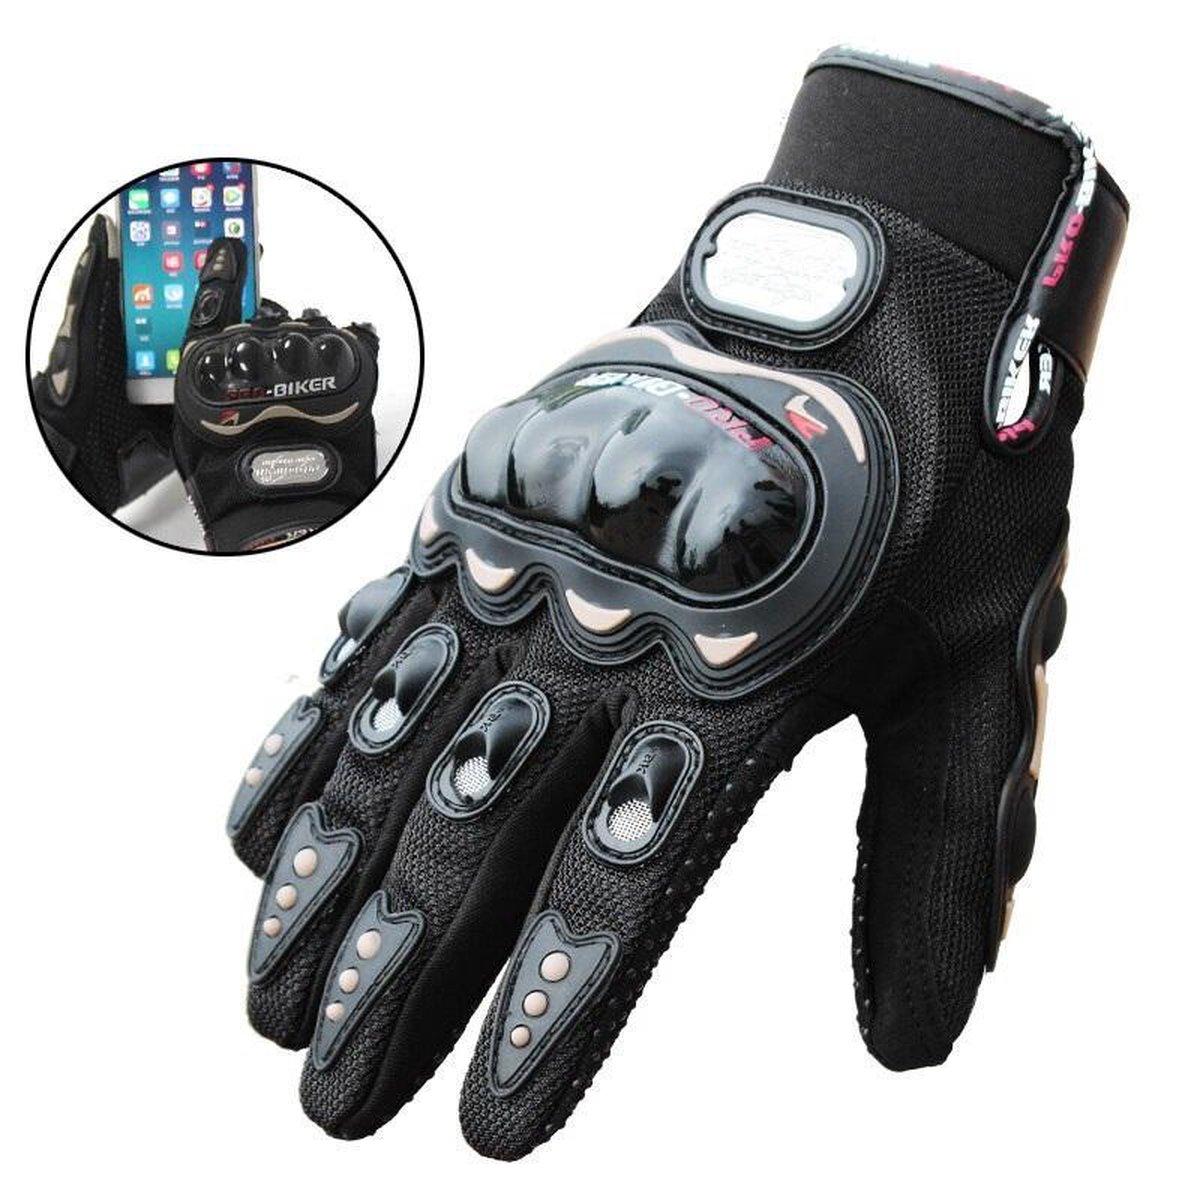 Motorhandschoenen - Zwart - Handschoenen Motor & Scooter - Maat M - Touchscreen - Bescherming